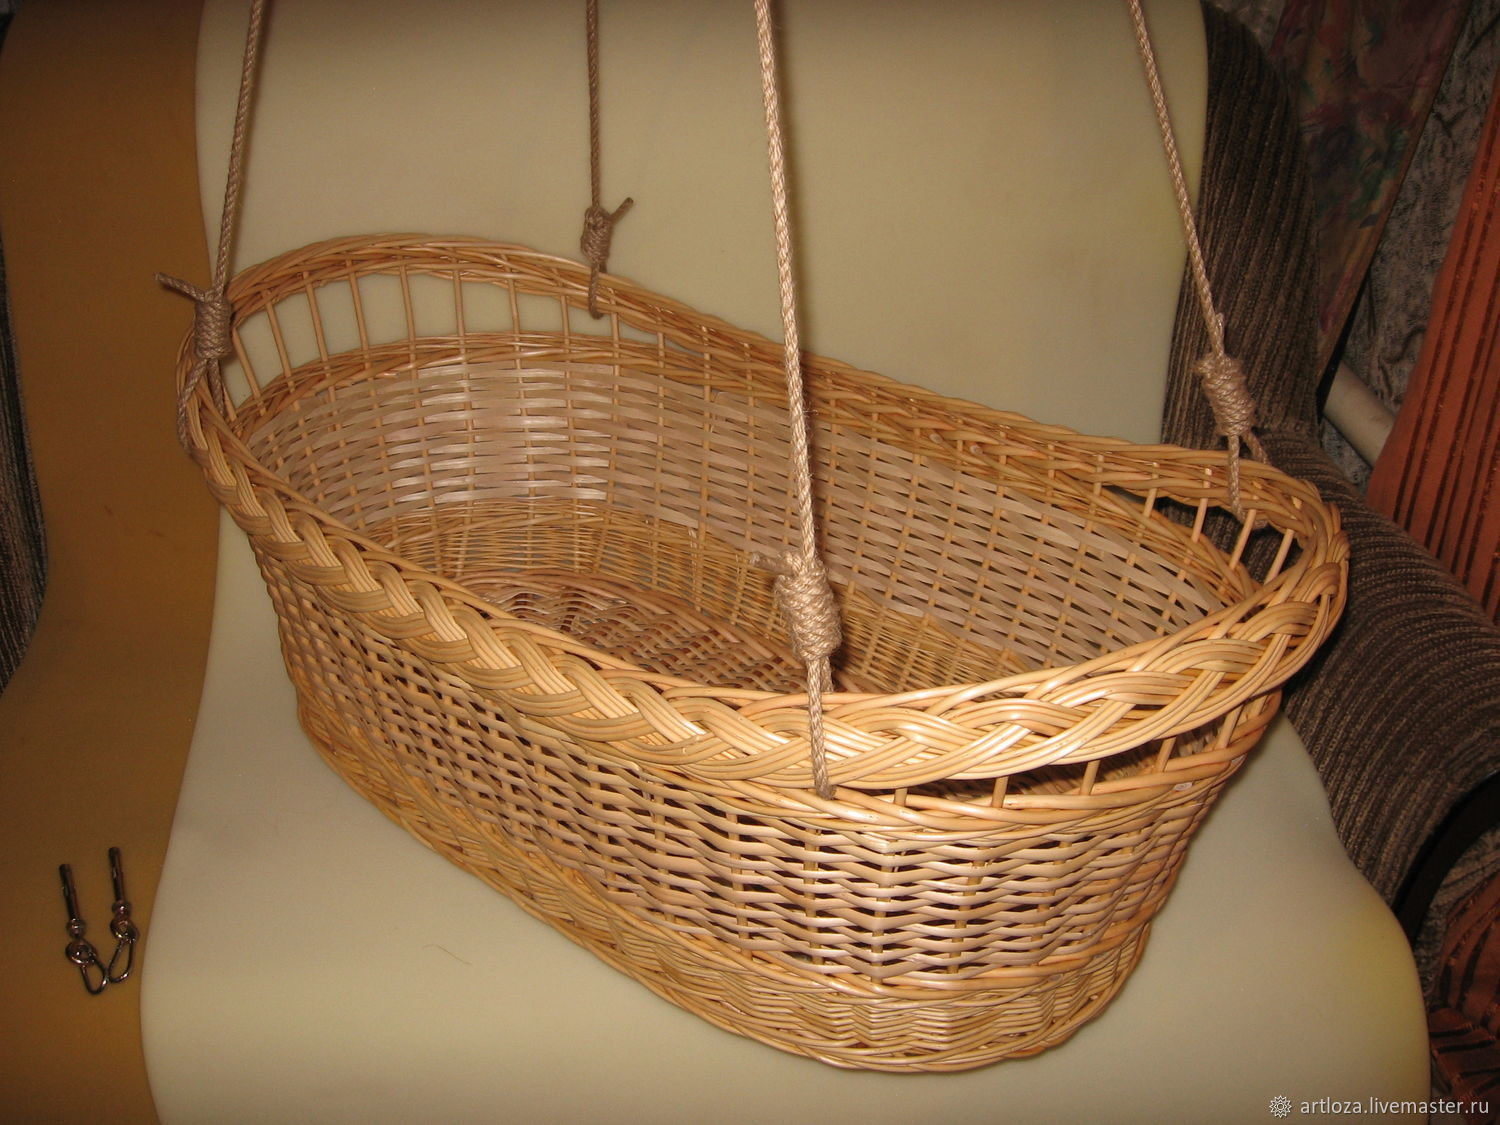 """Колыбель """"Модерн"""" подвесная для новорожденных из лозы, зыбка, Комплект для выписки, Тамбов,  Фото №1"""